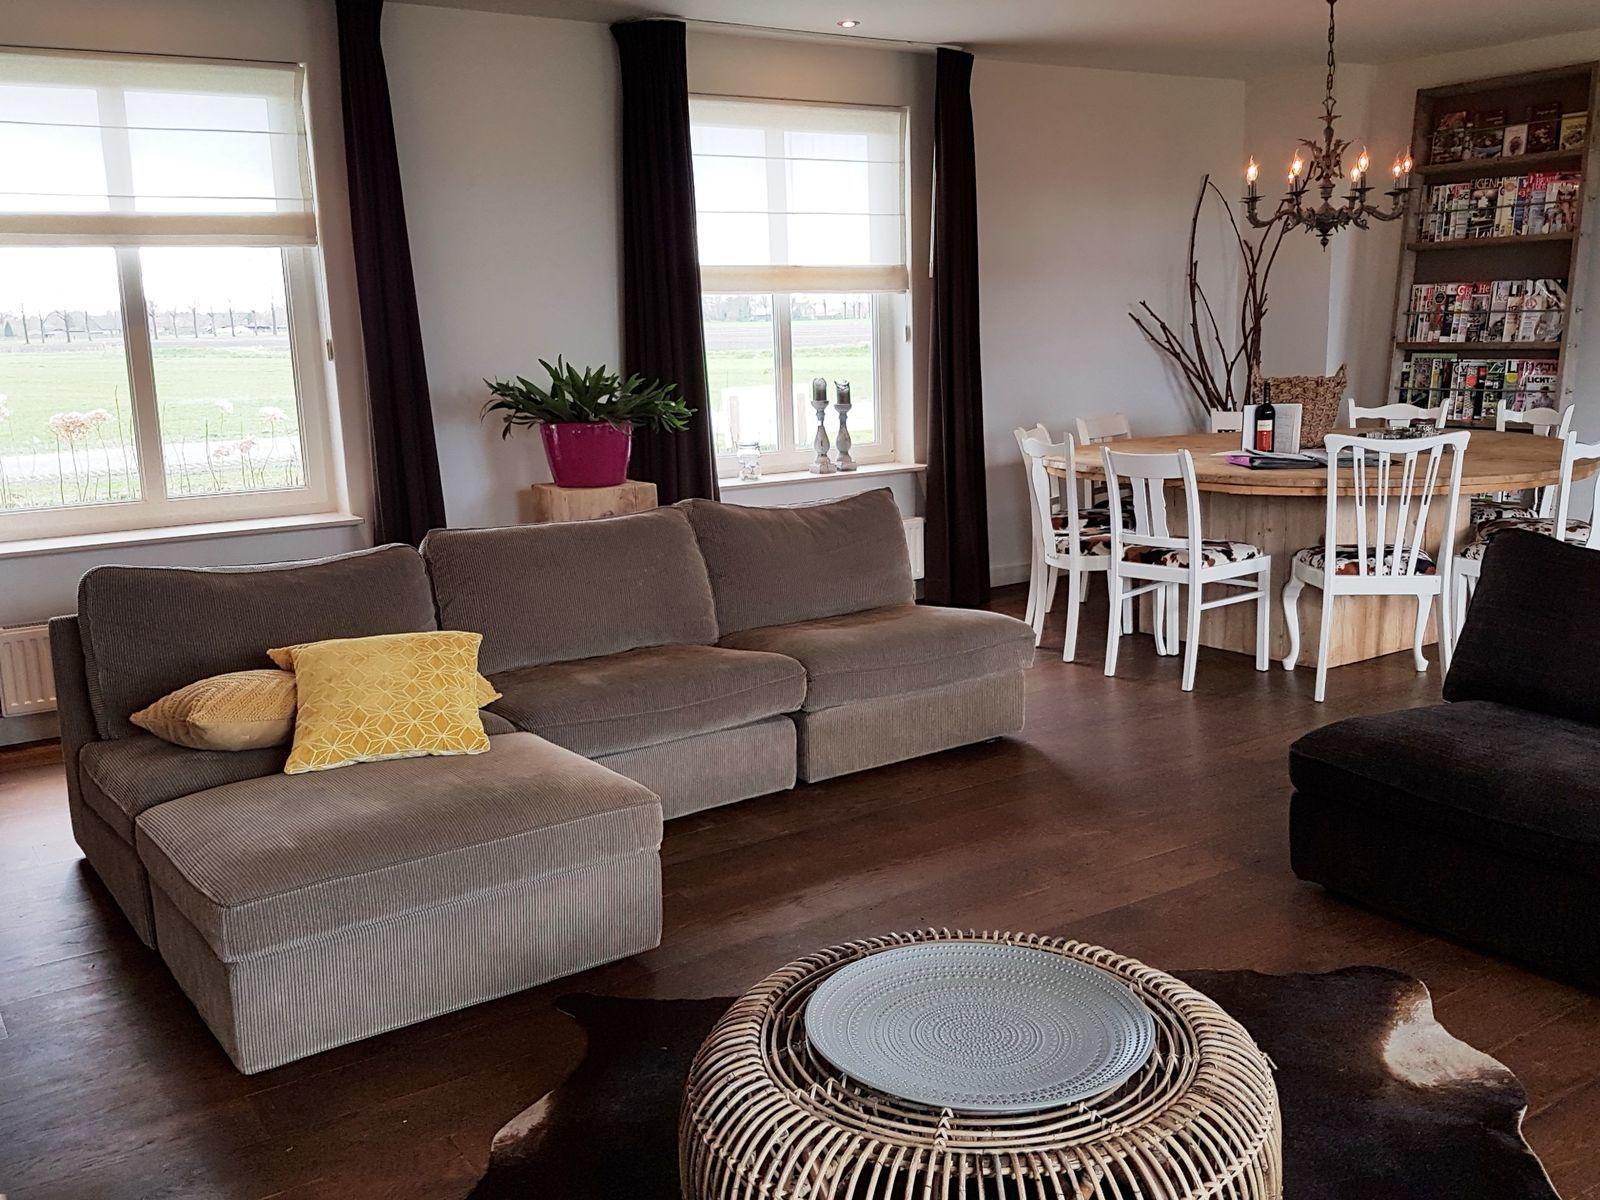 Brabantse Huis - luxe vakantiehuis met sauna, hond is welkom